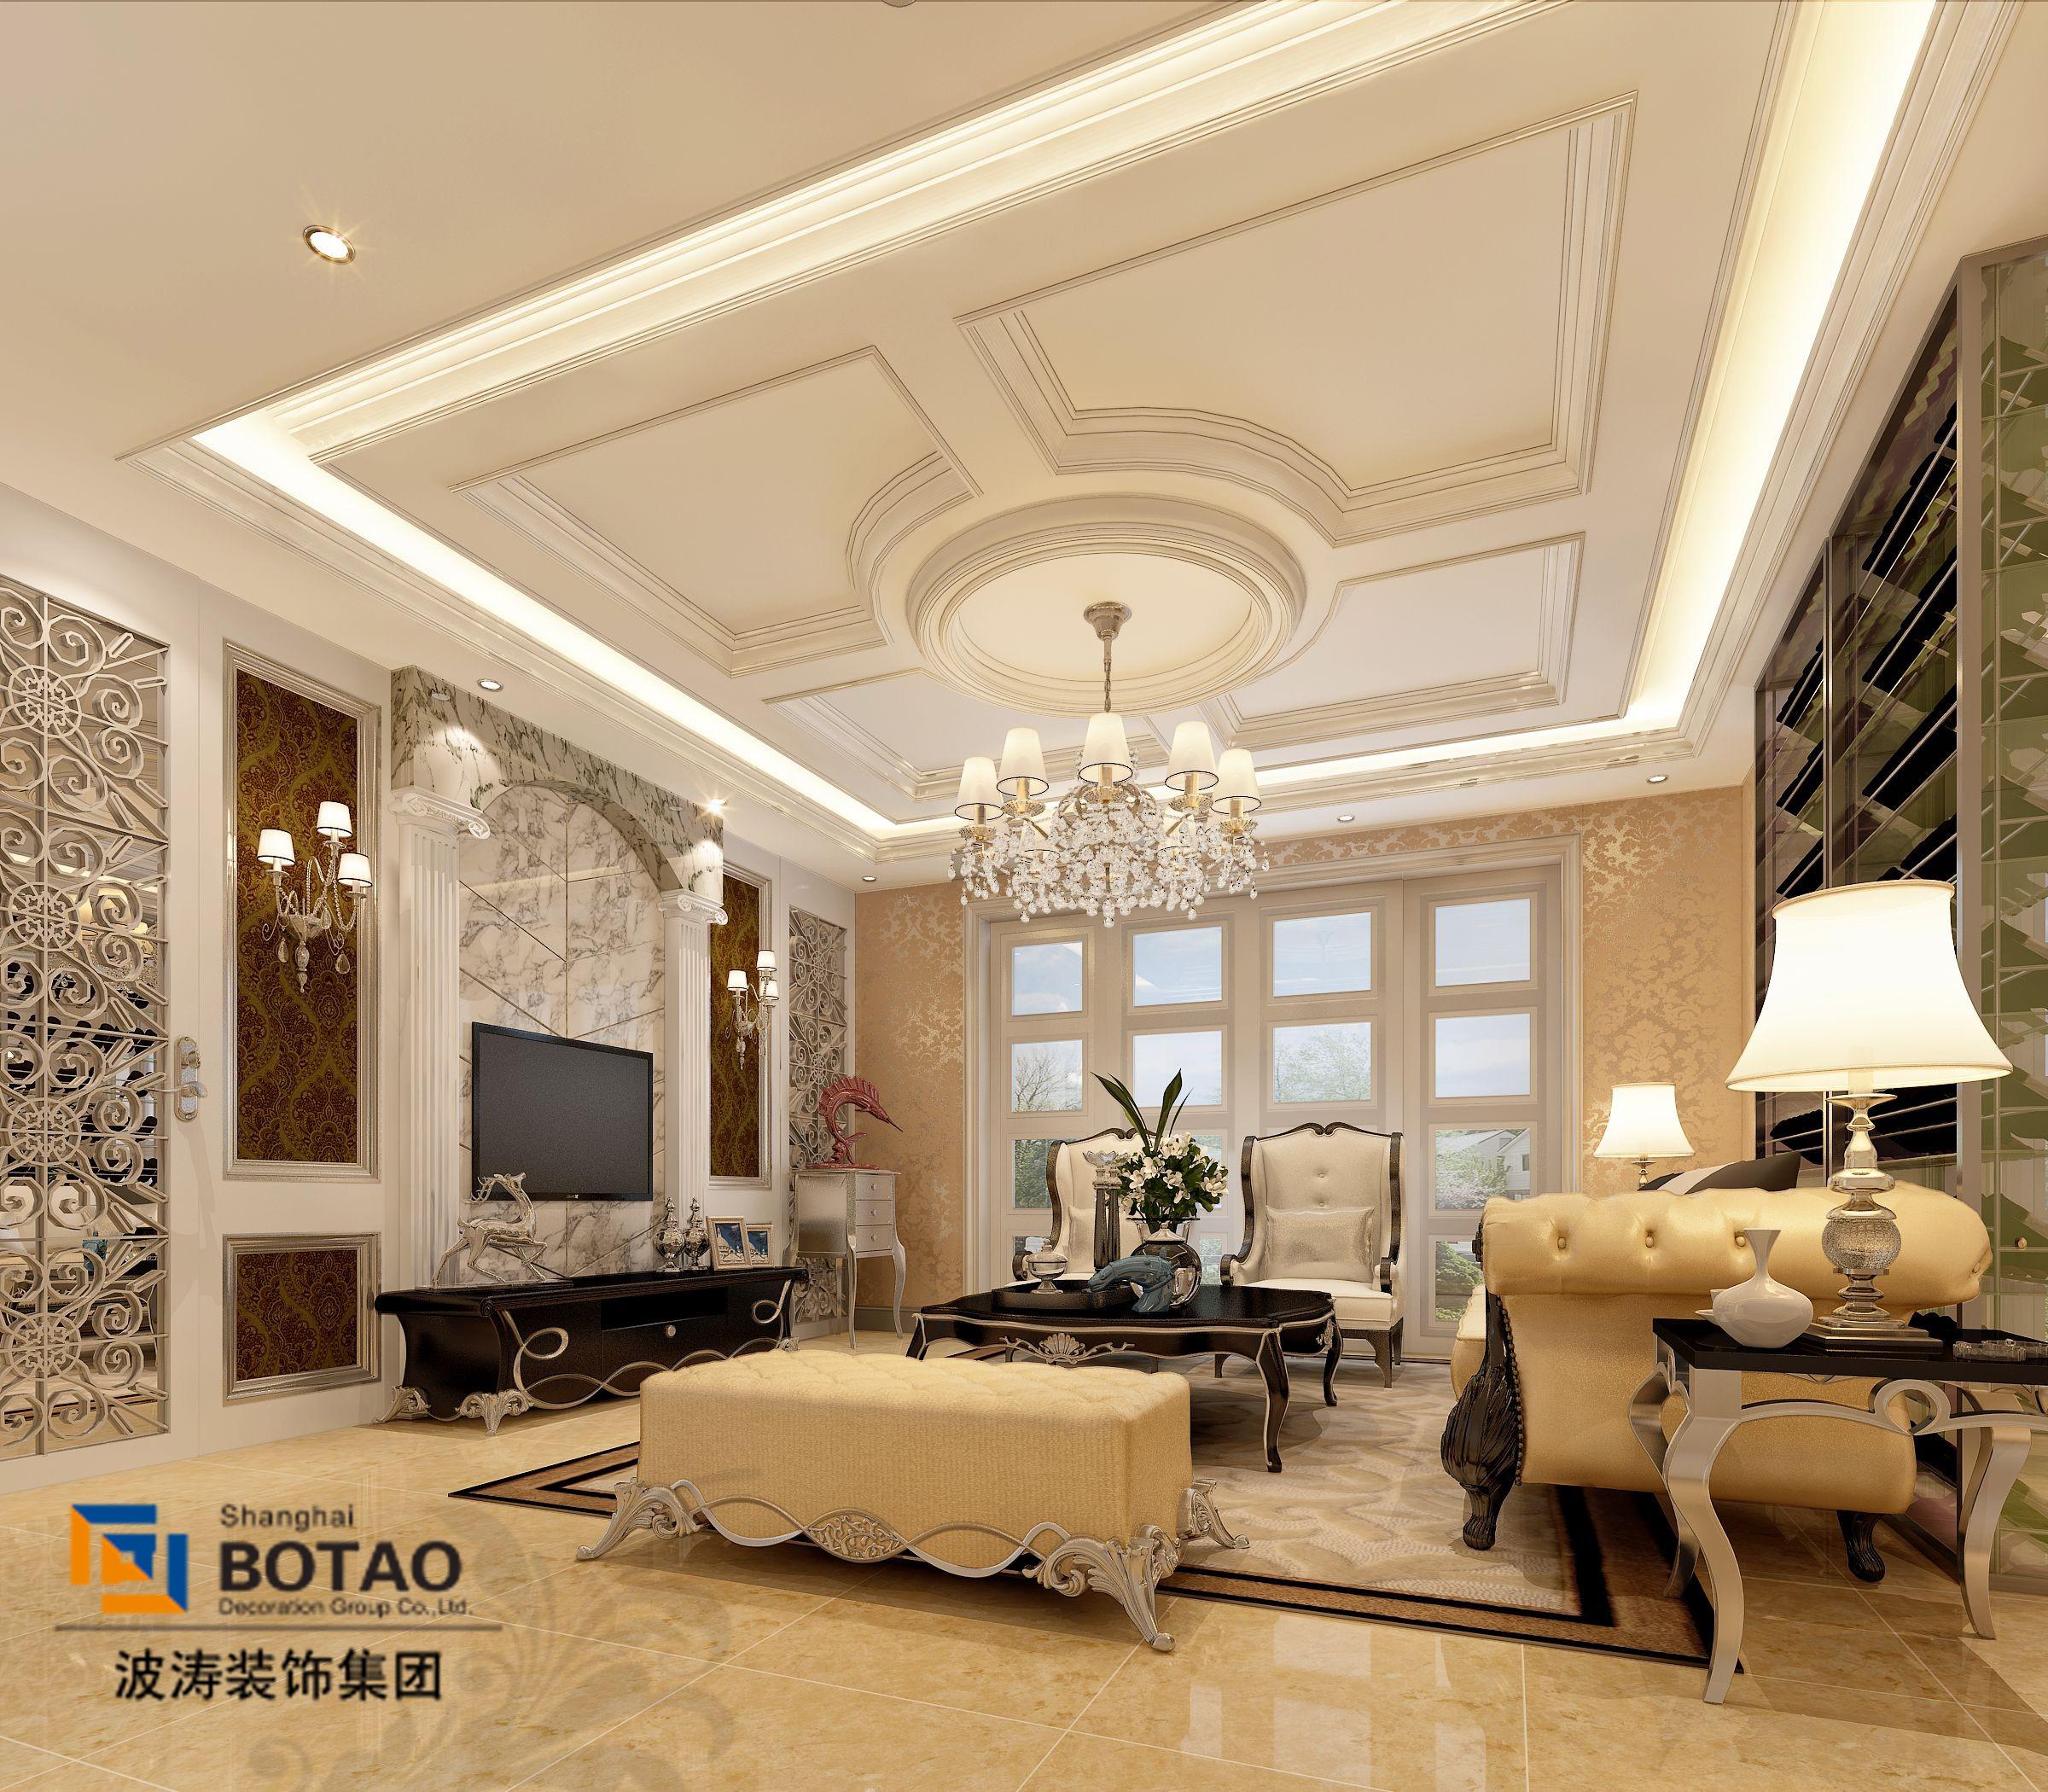 欧式装修效果图,室内设计效果图-齐家装修网图片